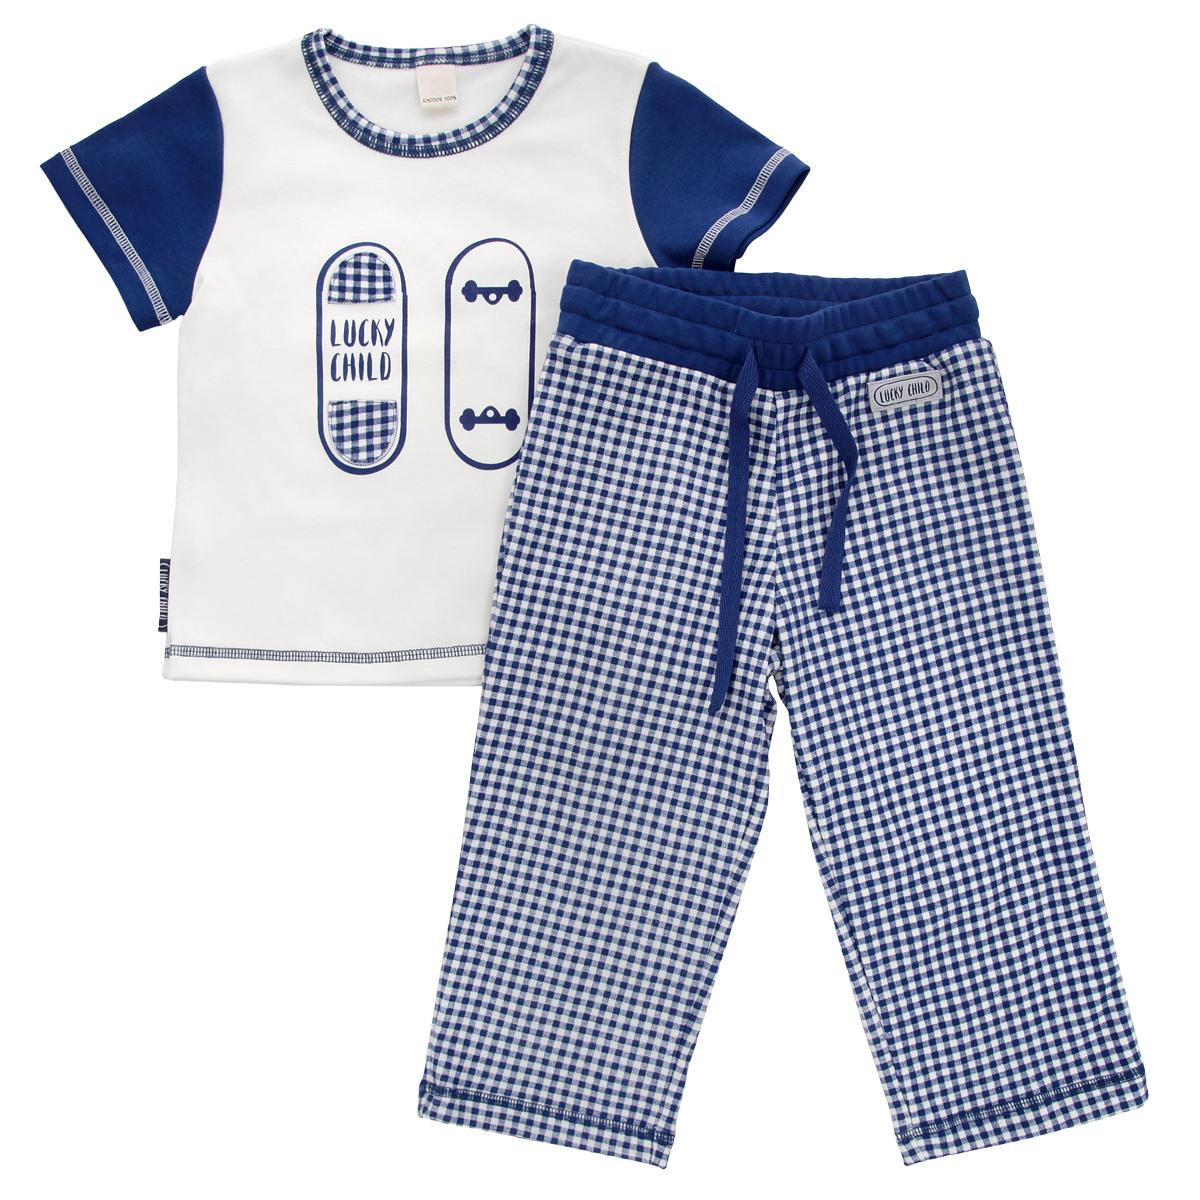 Пижама для мальчика Lucky Child, цвет: синий, молочный. 13-403. Размер 98/10413-403Очаровательная пижама для мальчика Lucky Child, состоящая из футболки и брюк, идеально подойдет вашему маленькому мужчине и станет отличным дополнением к детскому гардеробу. Изготовленная из натурального хлопка - интерлока, она необычайно мягкая и приятная на ощупь, не раздражает нежную кожу ребенка и хорошо вентилируется, а эластичные швы приятны телу и не препятствуют его движениям.Футболка с короткими рукавами и круглым вырезом горловины оформлена спереди оригинальной аппликацией и принтом с изображением скейтборда. Горловина оформлена принтом в клетку. Низ рукавов и низ изделия оформлены контрастной фигурной прострочкой. Брюки на талии имеют широкий эластичный пояс со шнурком, благодаря чему они не сдавливают животик ребенка и не сползают. Оформлены брюки принтом в клетку и небольшой нашивкой с названием бренда. Такая пижама идеально подойдет вашему ребенку, а мягкие полотна позволят ему комфортно чувствовать себя во время сна!